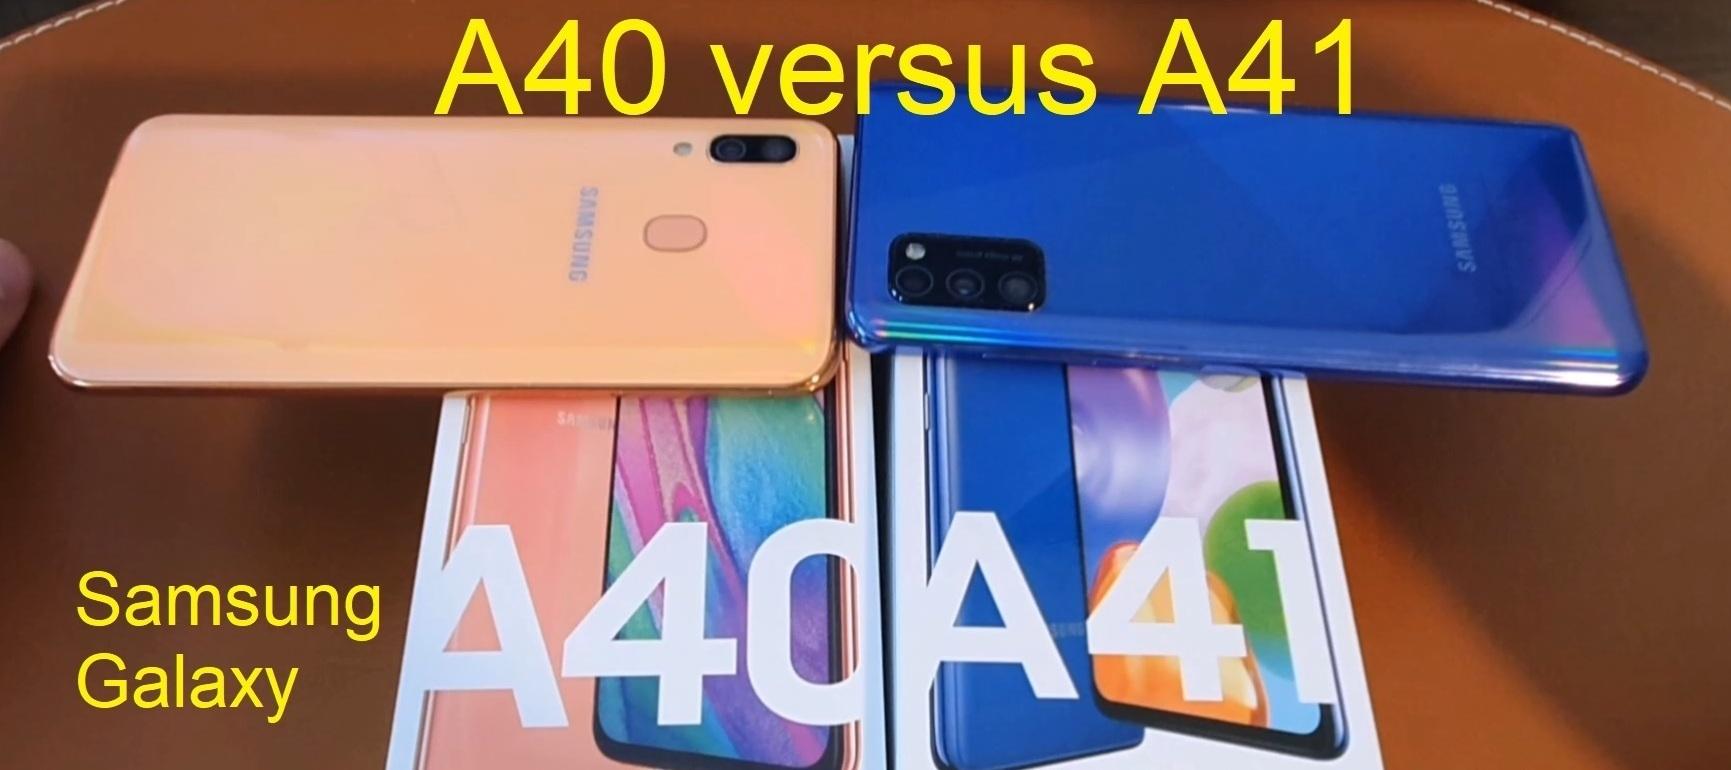 Samsung Galaxy A40 versus A41 - lohnt sich ein Upgrade?